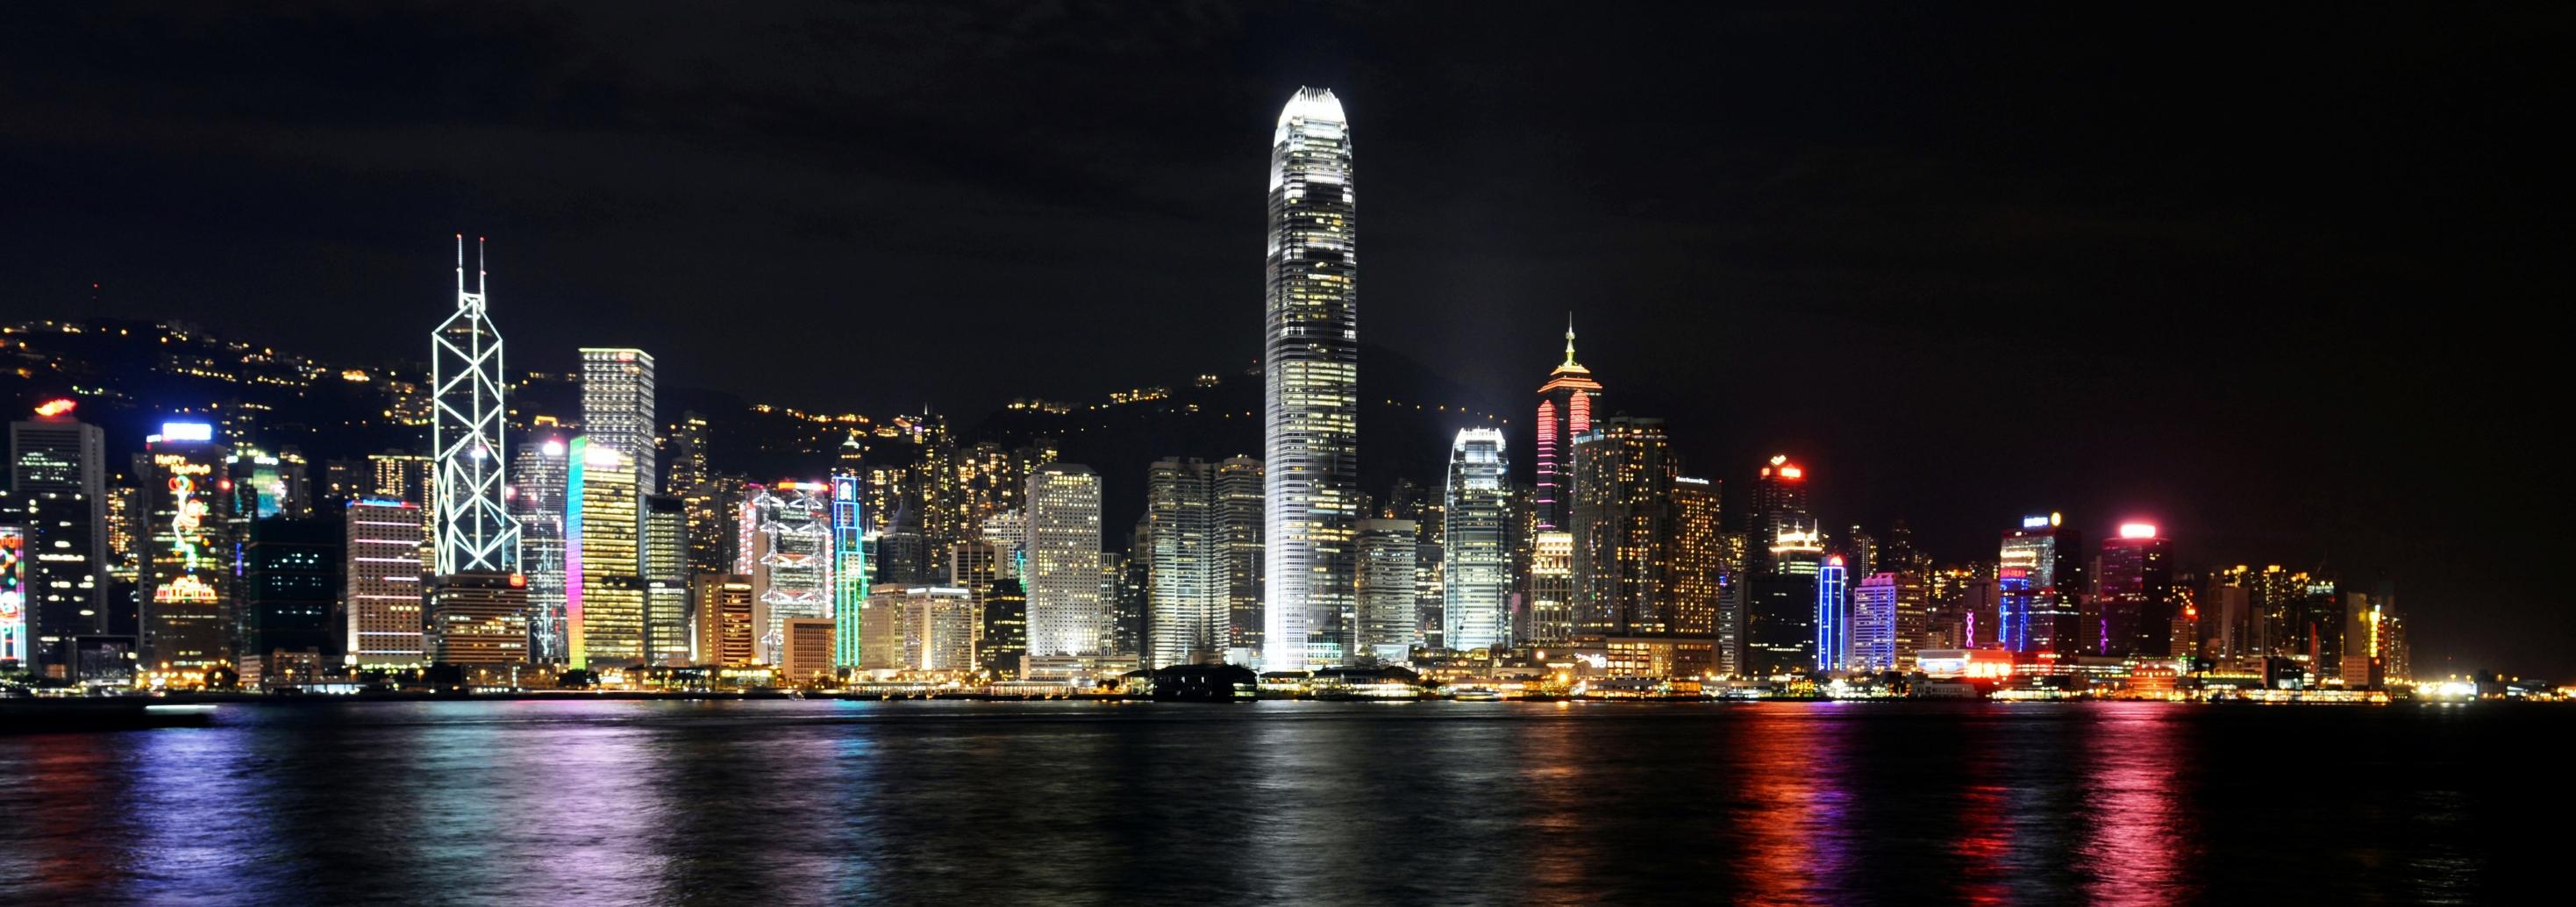 Top 10 Reasons You Need to Visit Hong Kong